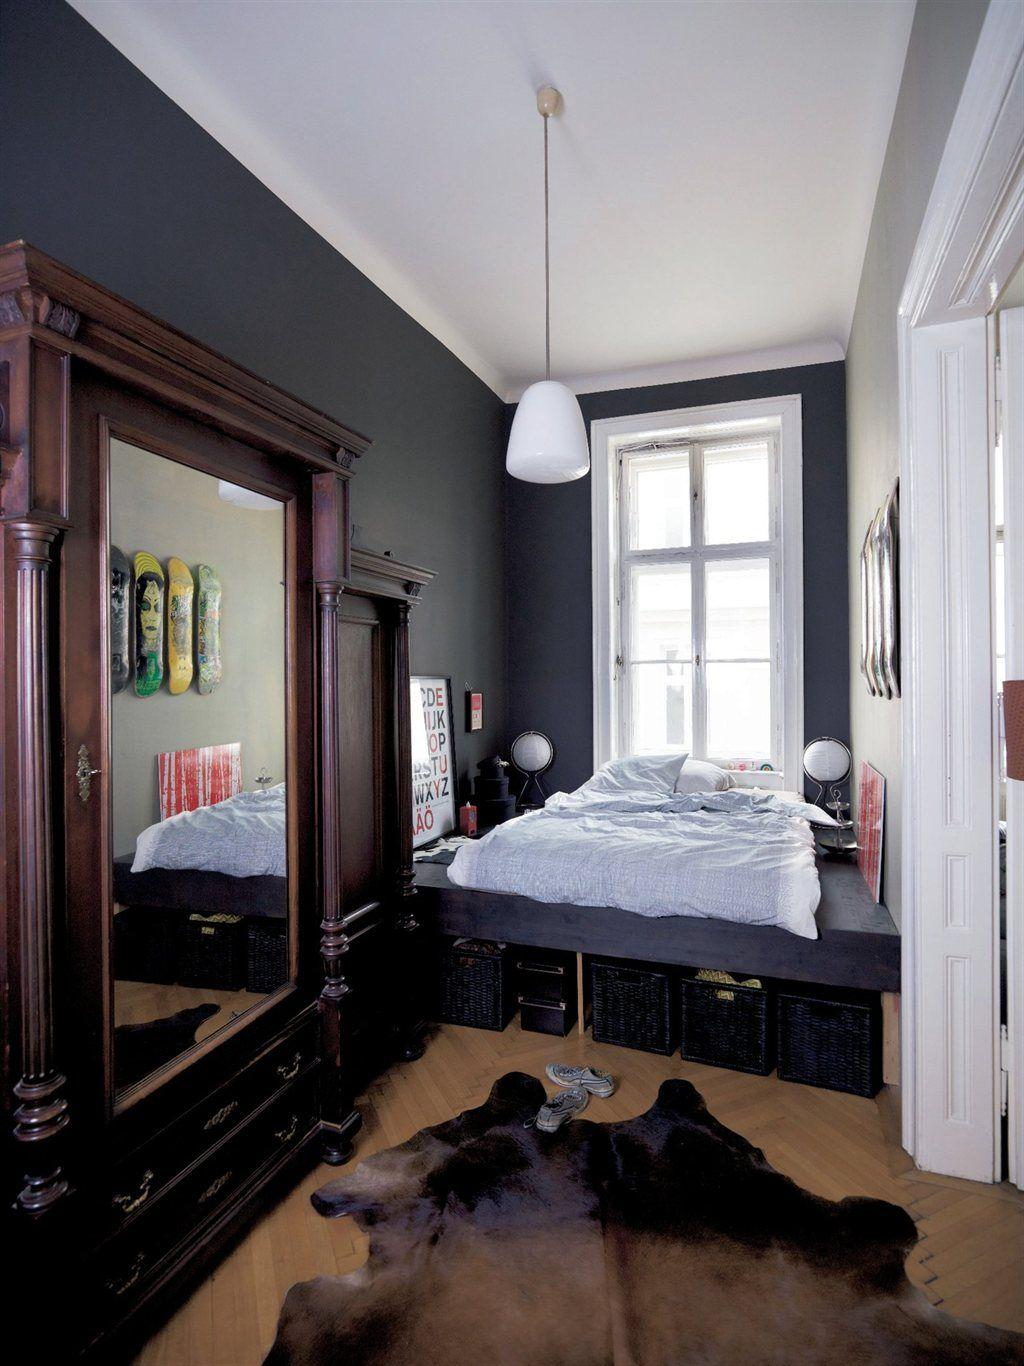 Sleeping Beauty U201eMein Mix Aus Retro Und Modernu201f | IKEA Magazine